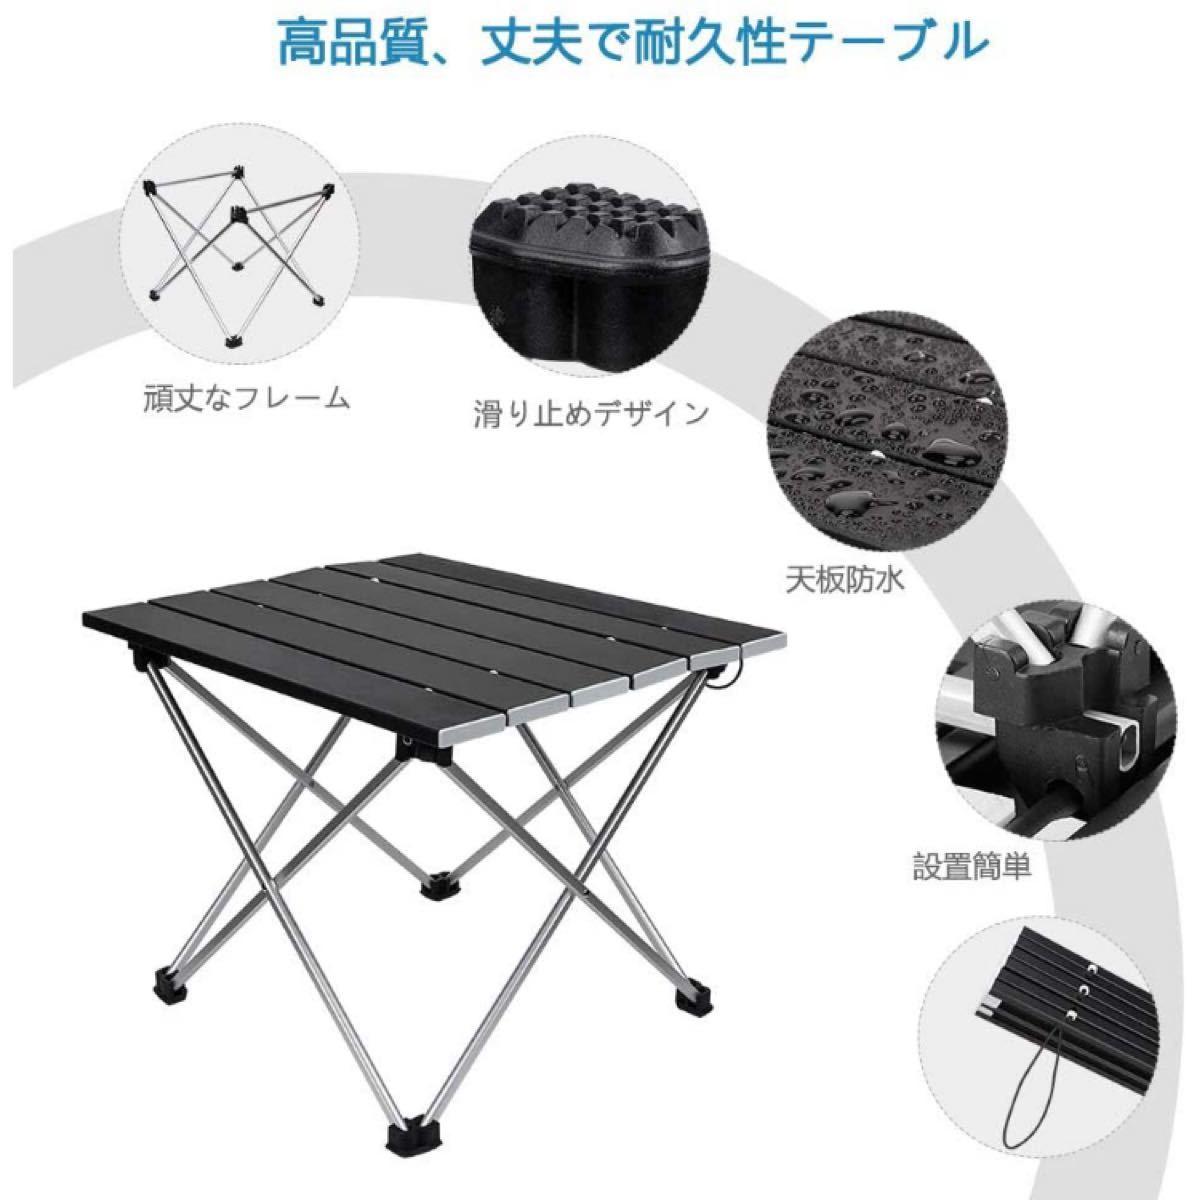 ロールテーブル キャンプ用品 アルミ製 アウトドアテーブル 耐荷重30kg 専用収納袋付き (折畳テーブル)